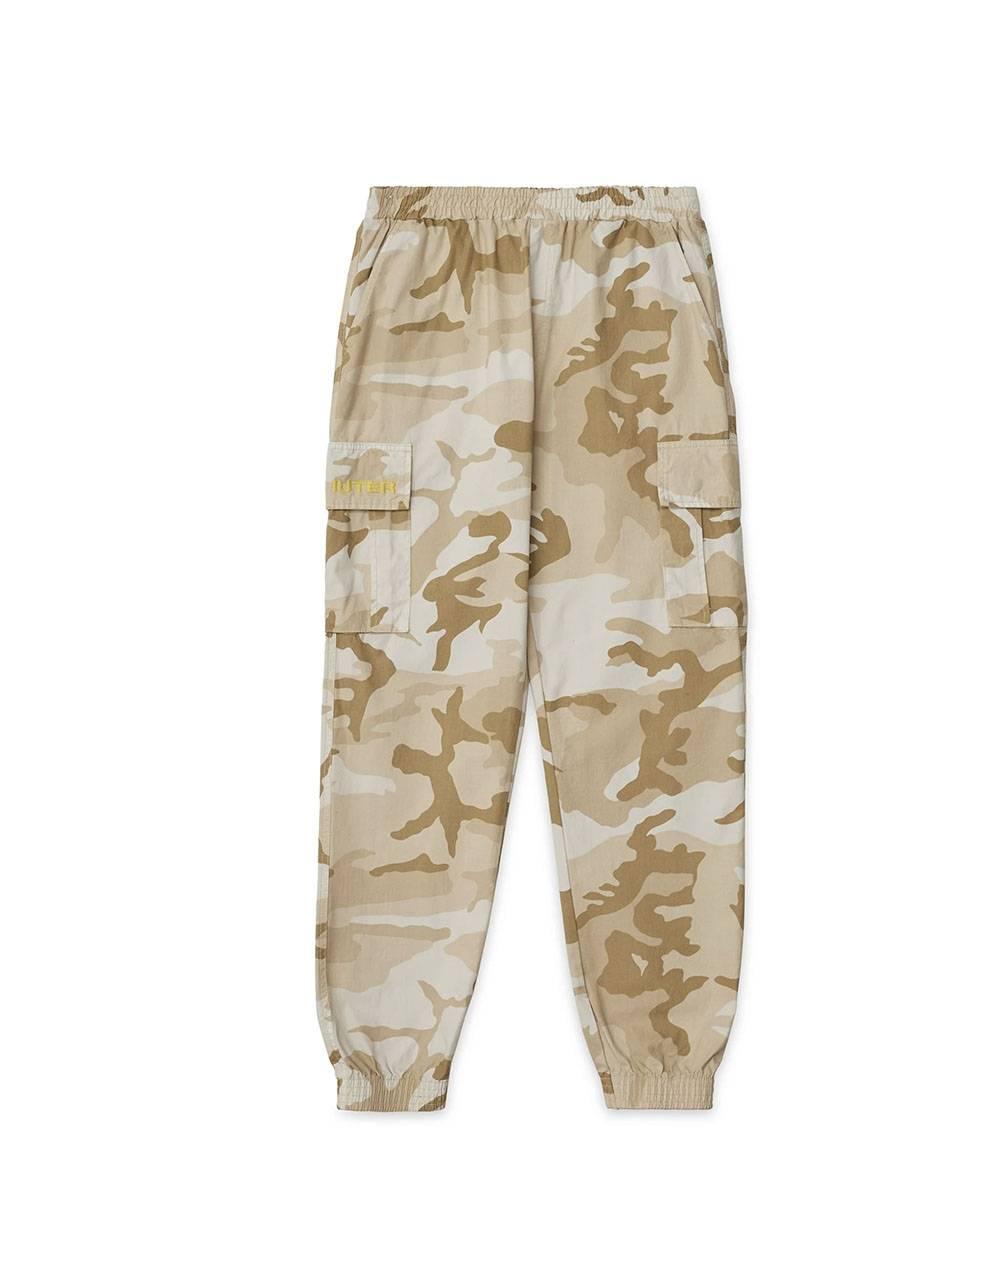 Iuter Cargo camo jogger pants - beige IUTER Pant 98,36€